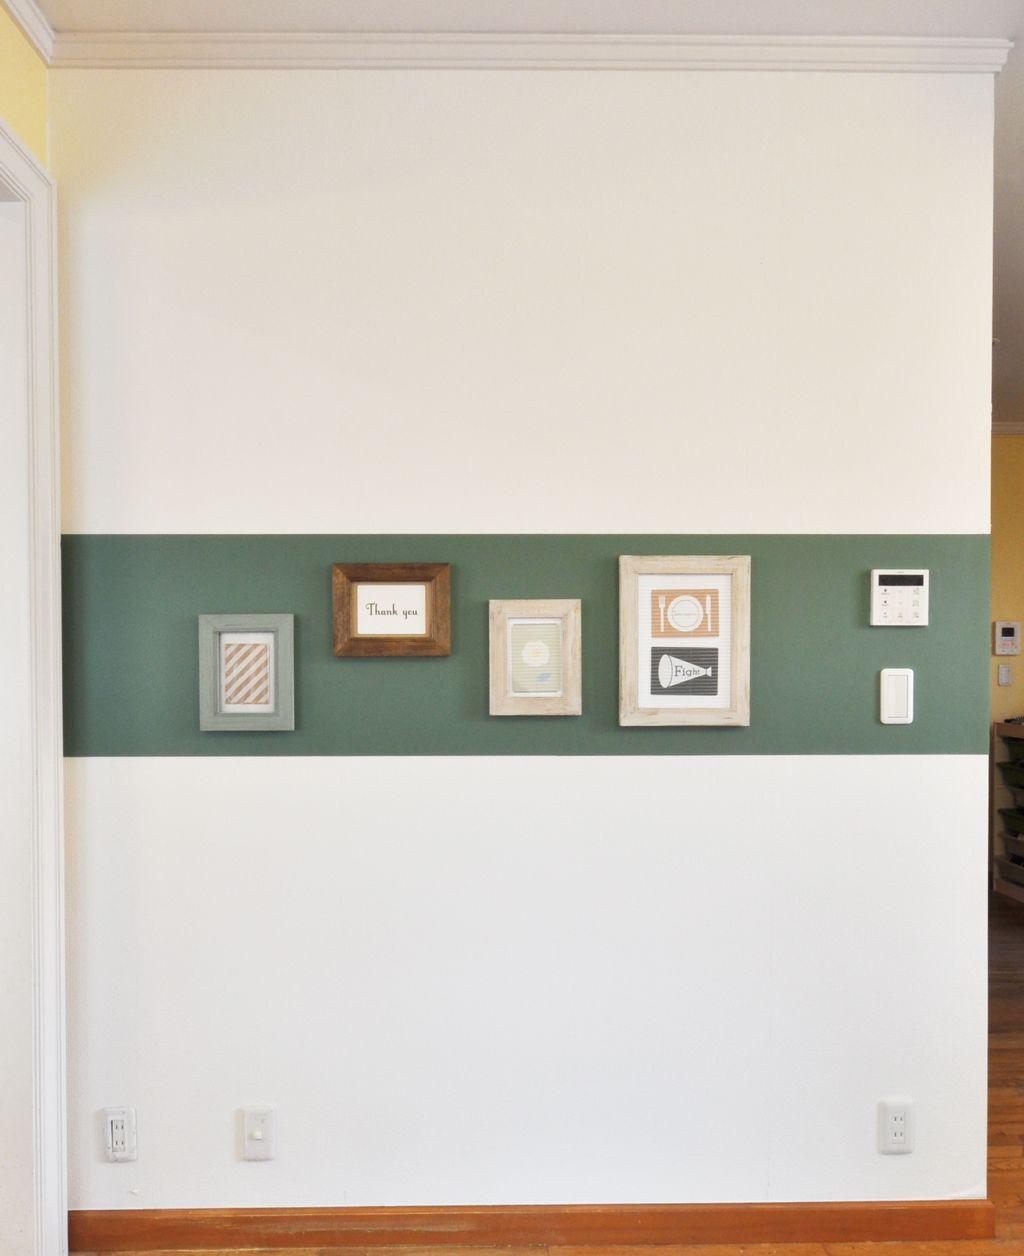 マグネットシート 磁石が壁につくワンダーペーパーマグネット インテリア 家 内装